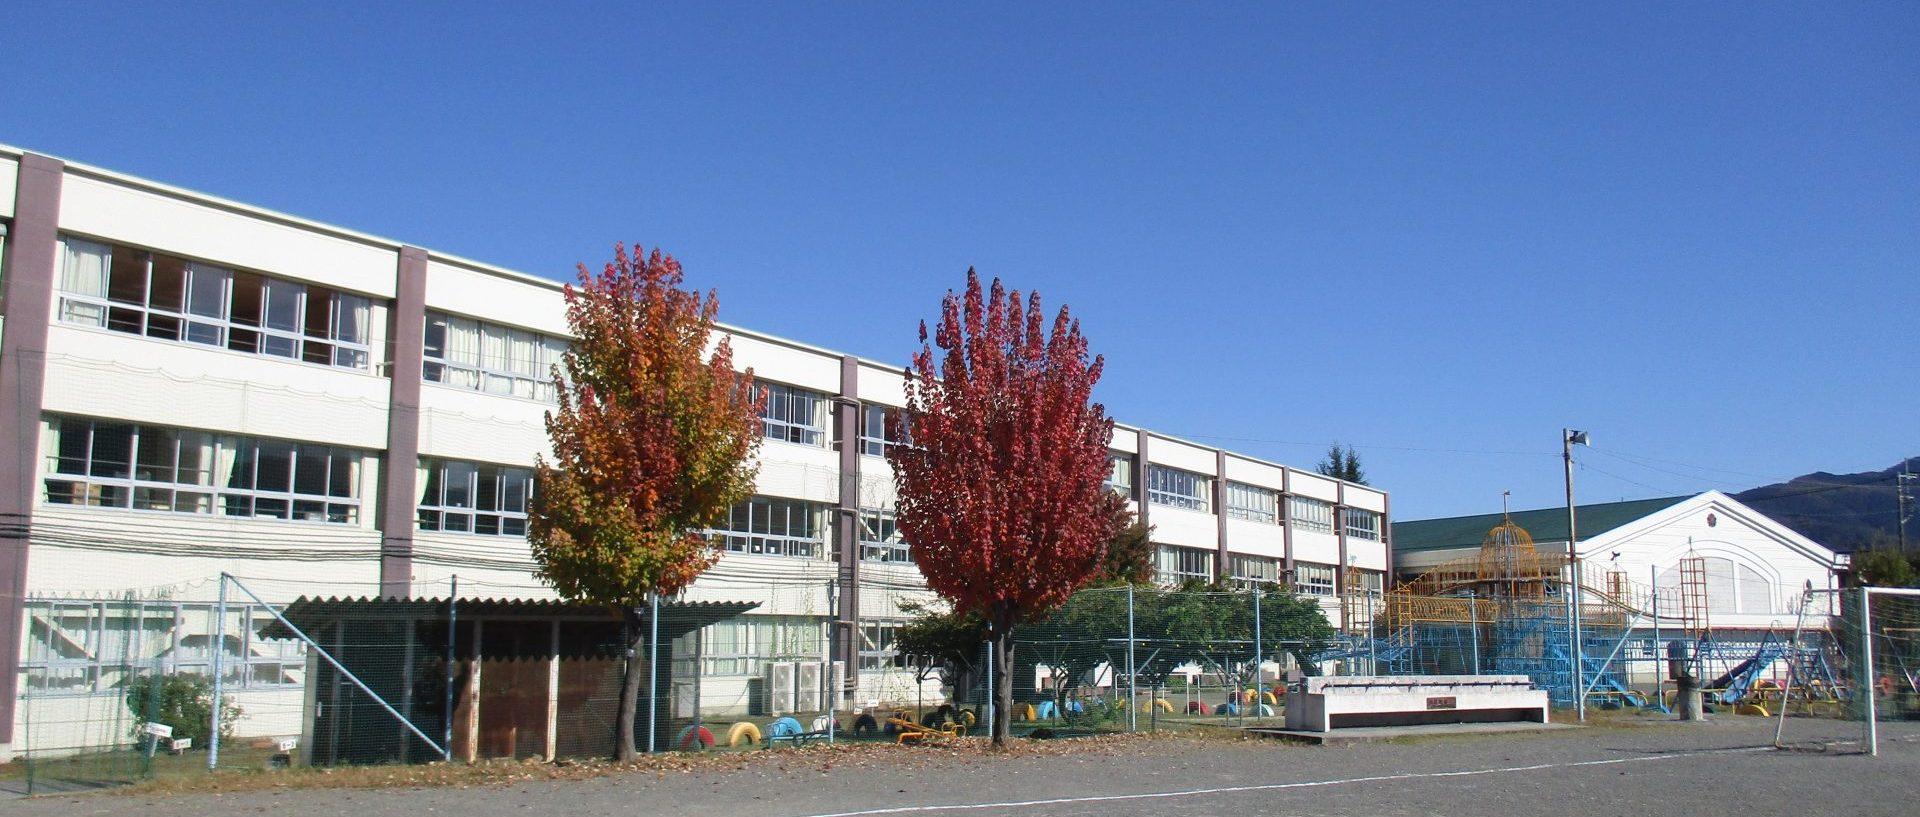 秩父市立花の木小学校 メインイメージ